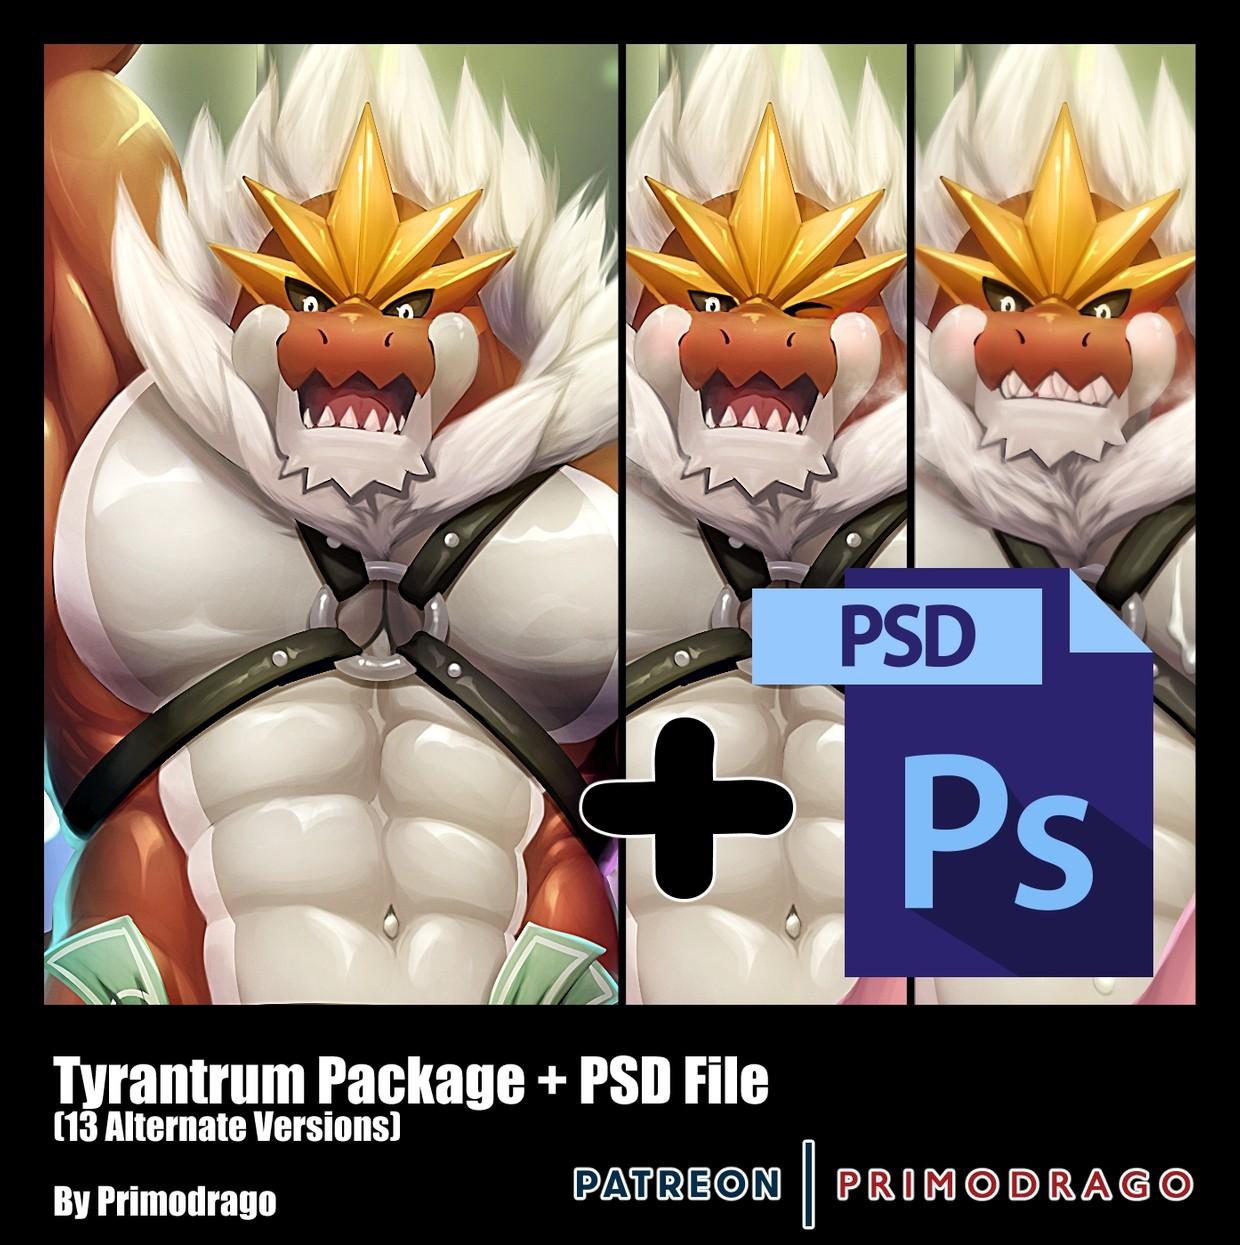 Tyrantrum Artpack + PSD File